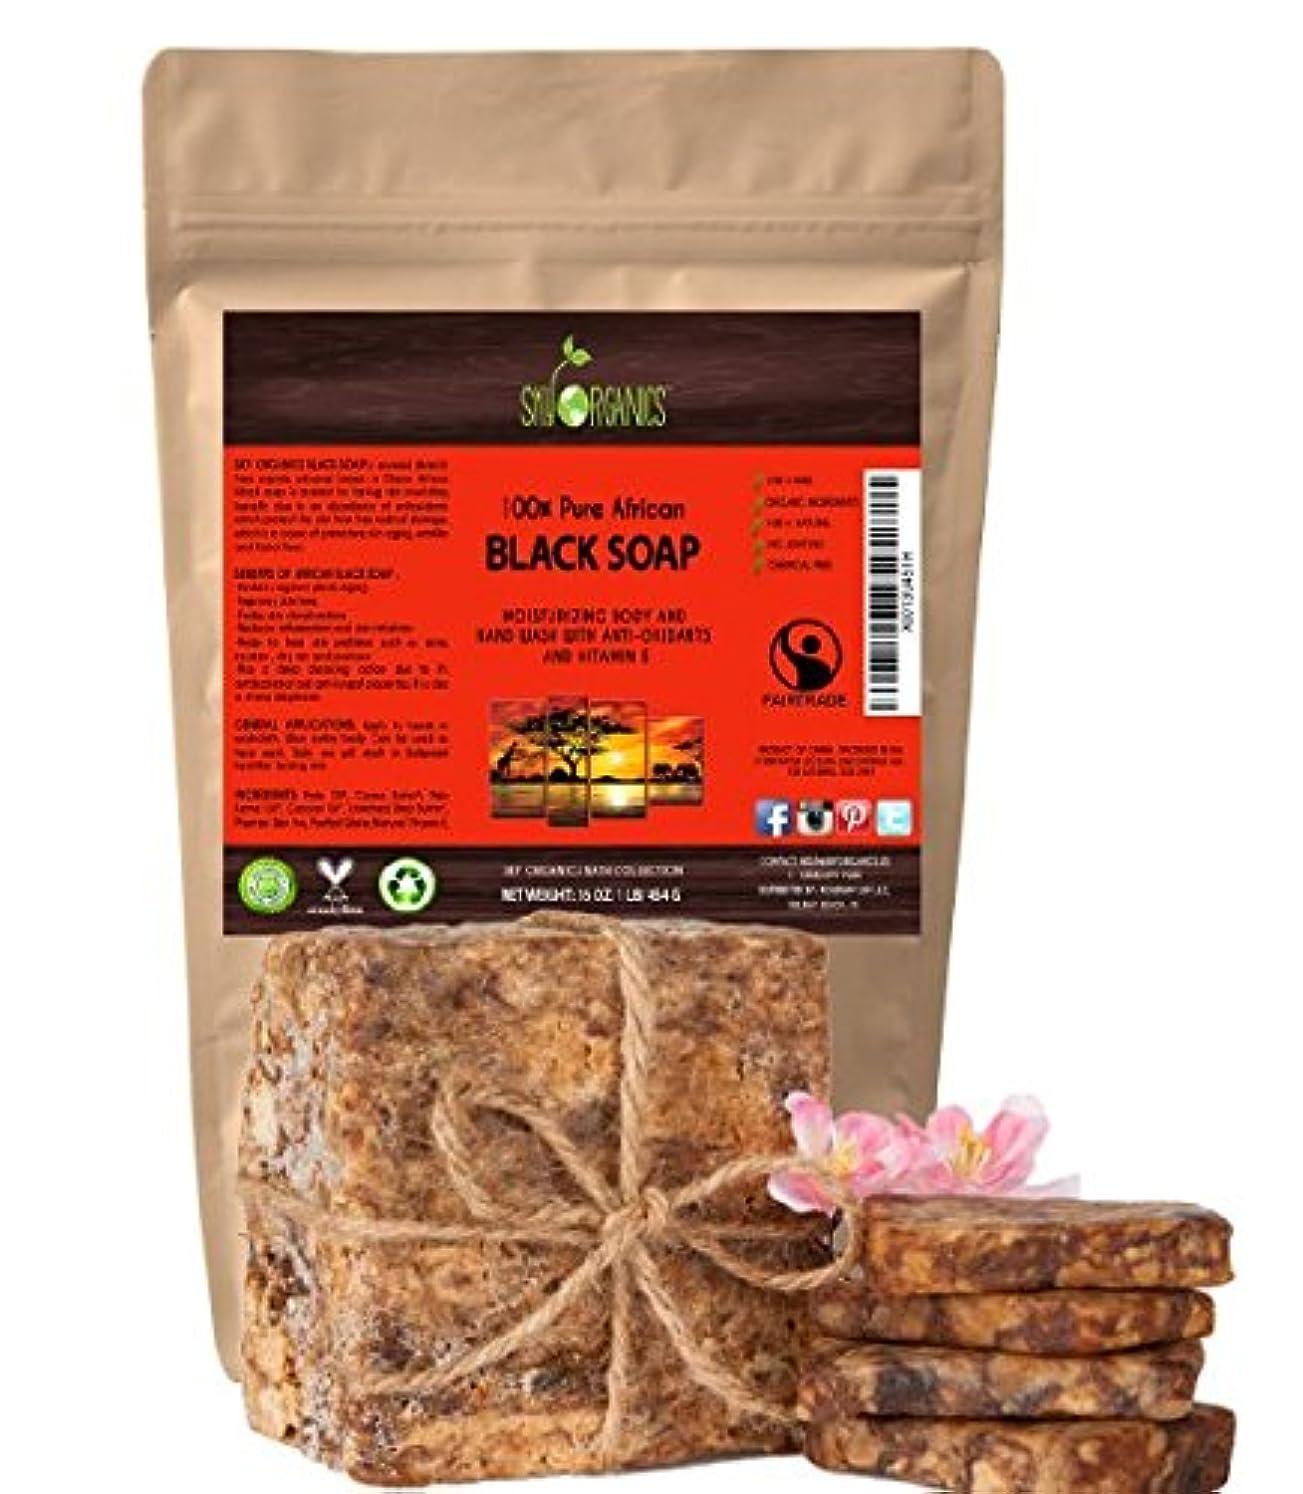 ねばねばマニアリダクター切って使う オーガニック アフリカン ブラックソープ (約4563gブロック)Organic African Black Soap (16oz block) - Raw Organic Soap Ideal for Acne...